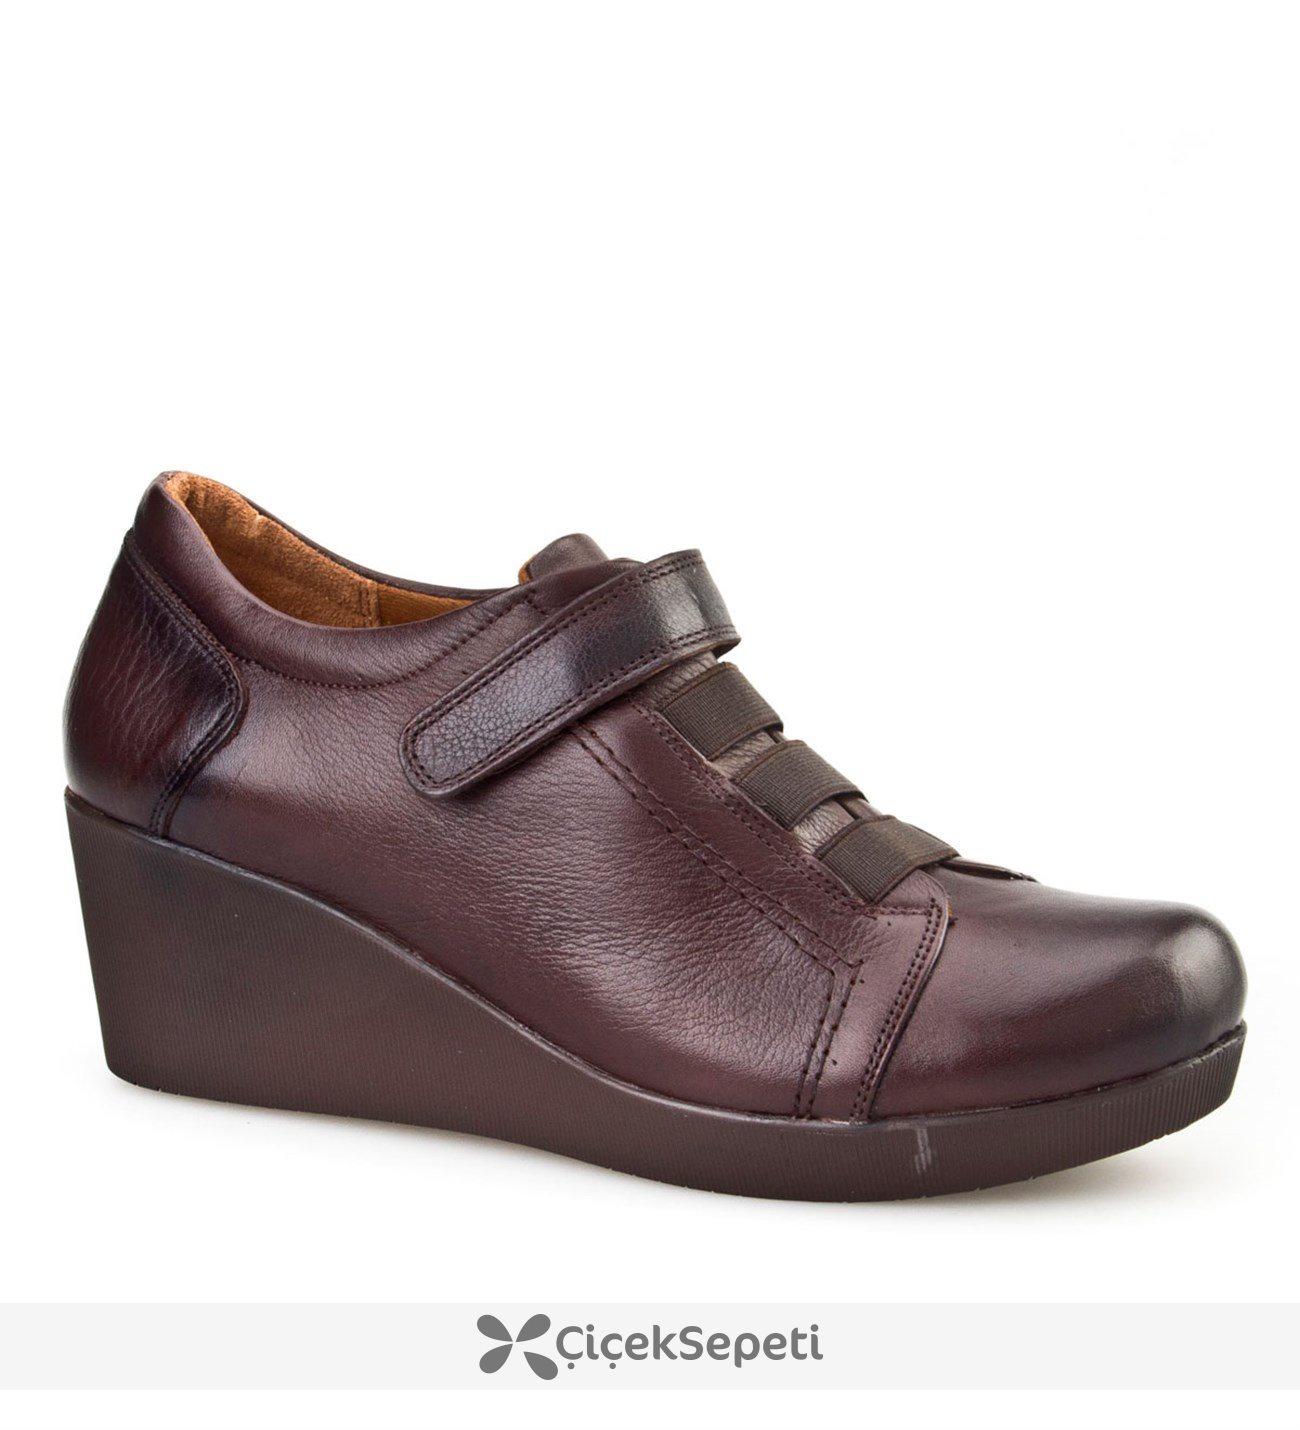 Cabani Dolgu Topuklu Günlük Kadın Ayakkabı Kahve Analin Deri